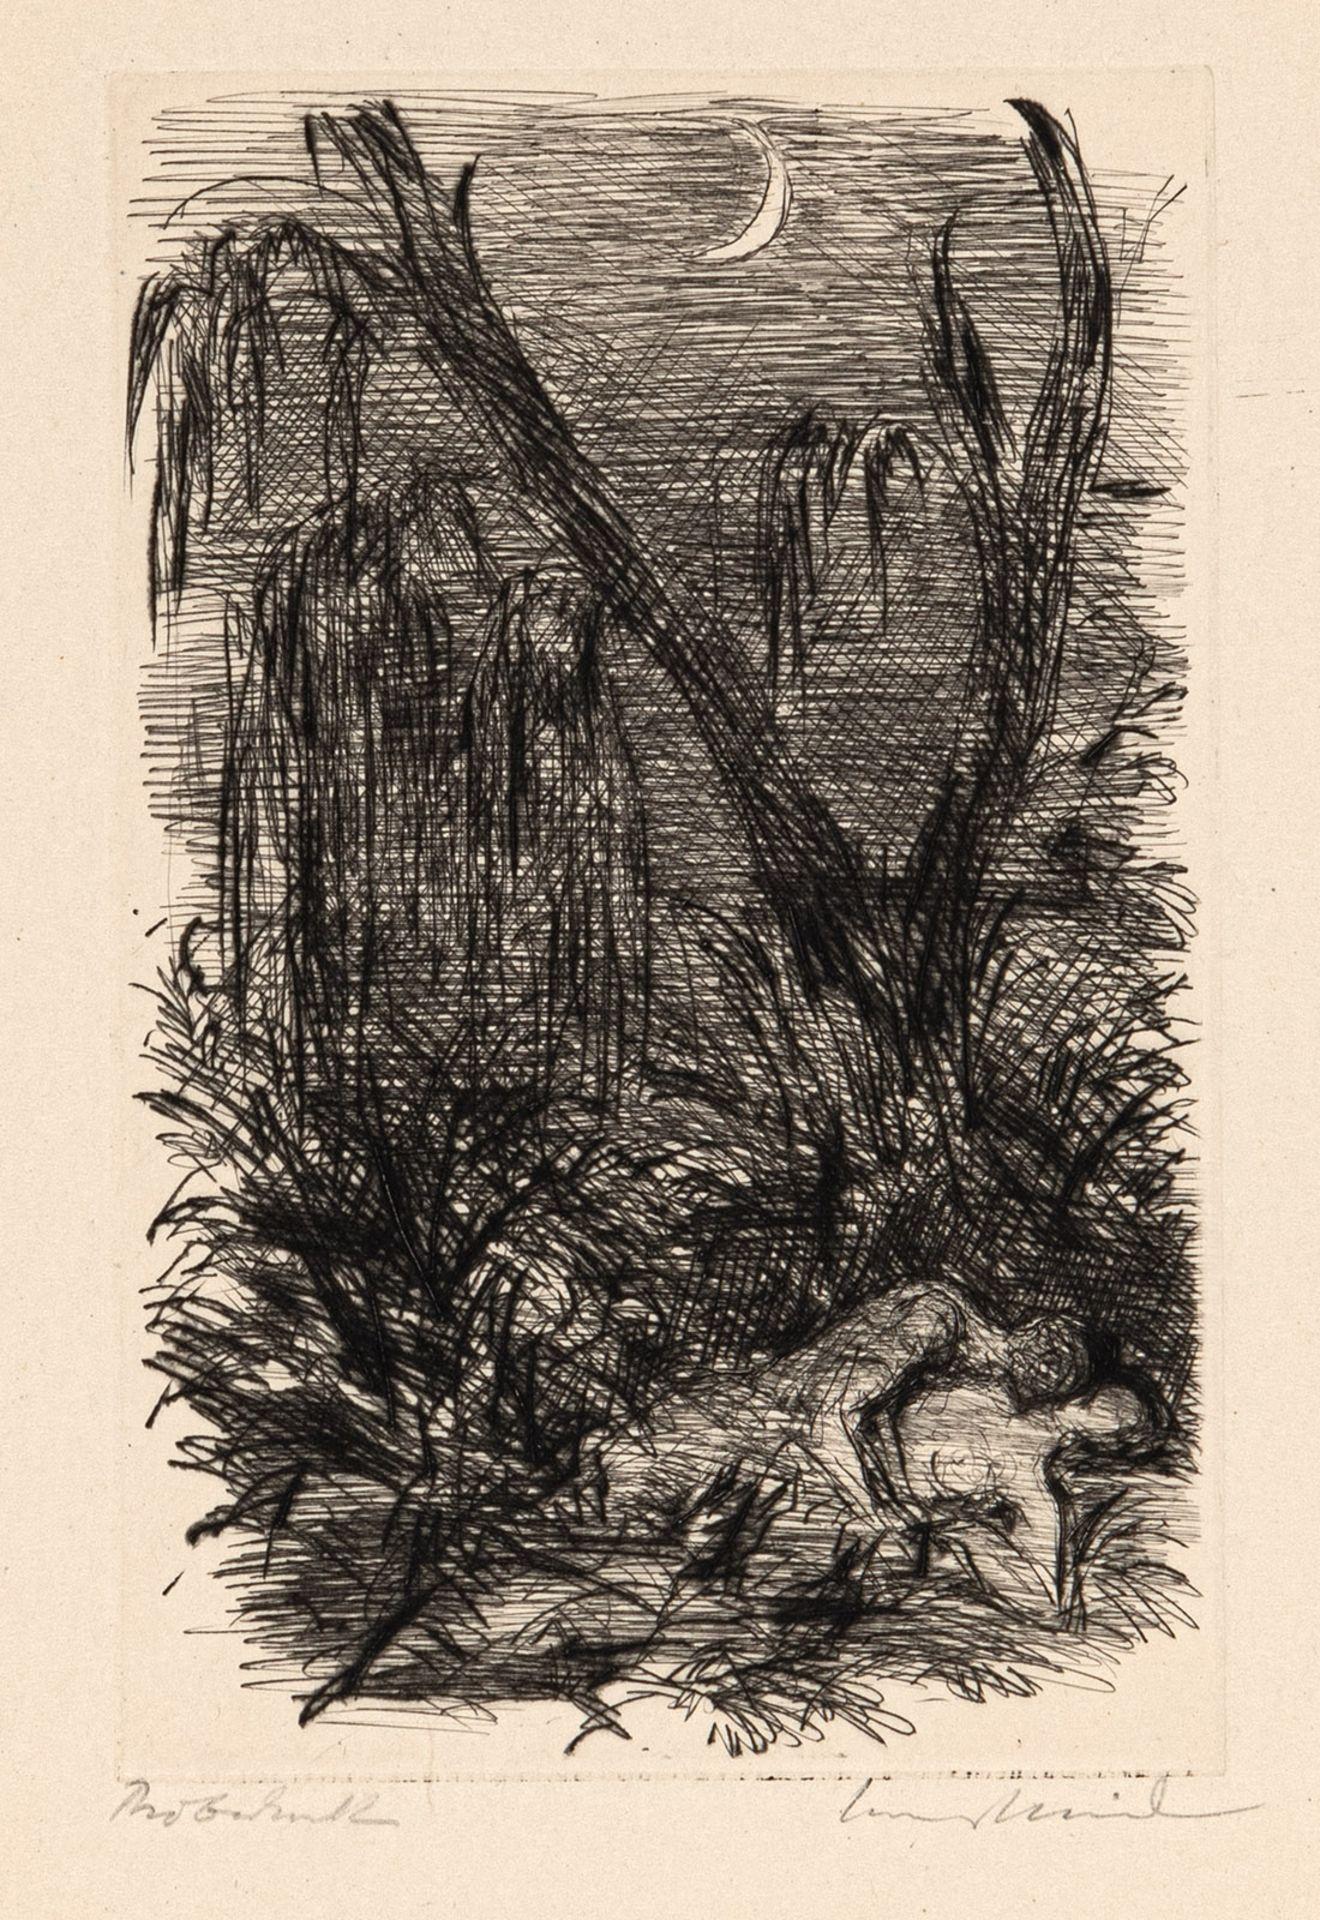 Meid, Hans - Image 3 of 12